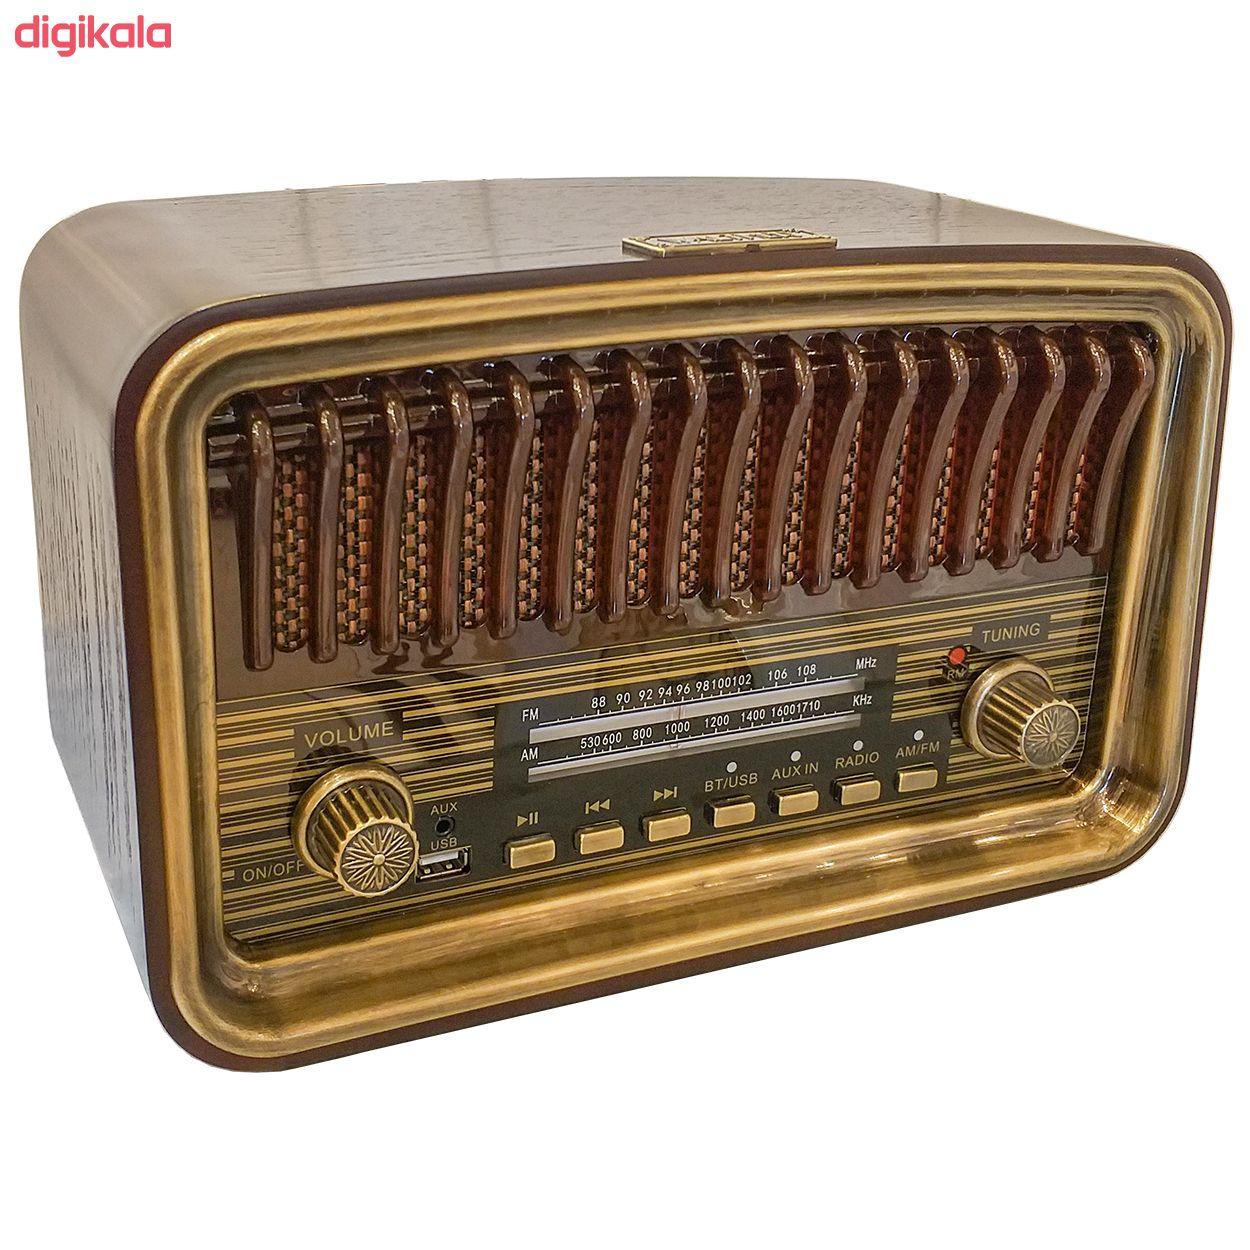 رادیو والتر مدل R-160 main 1 1